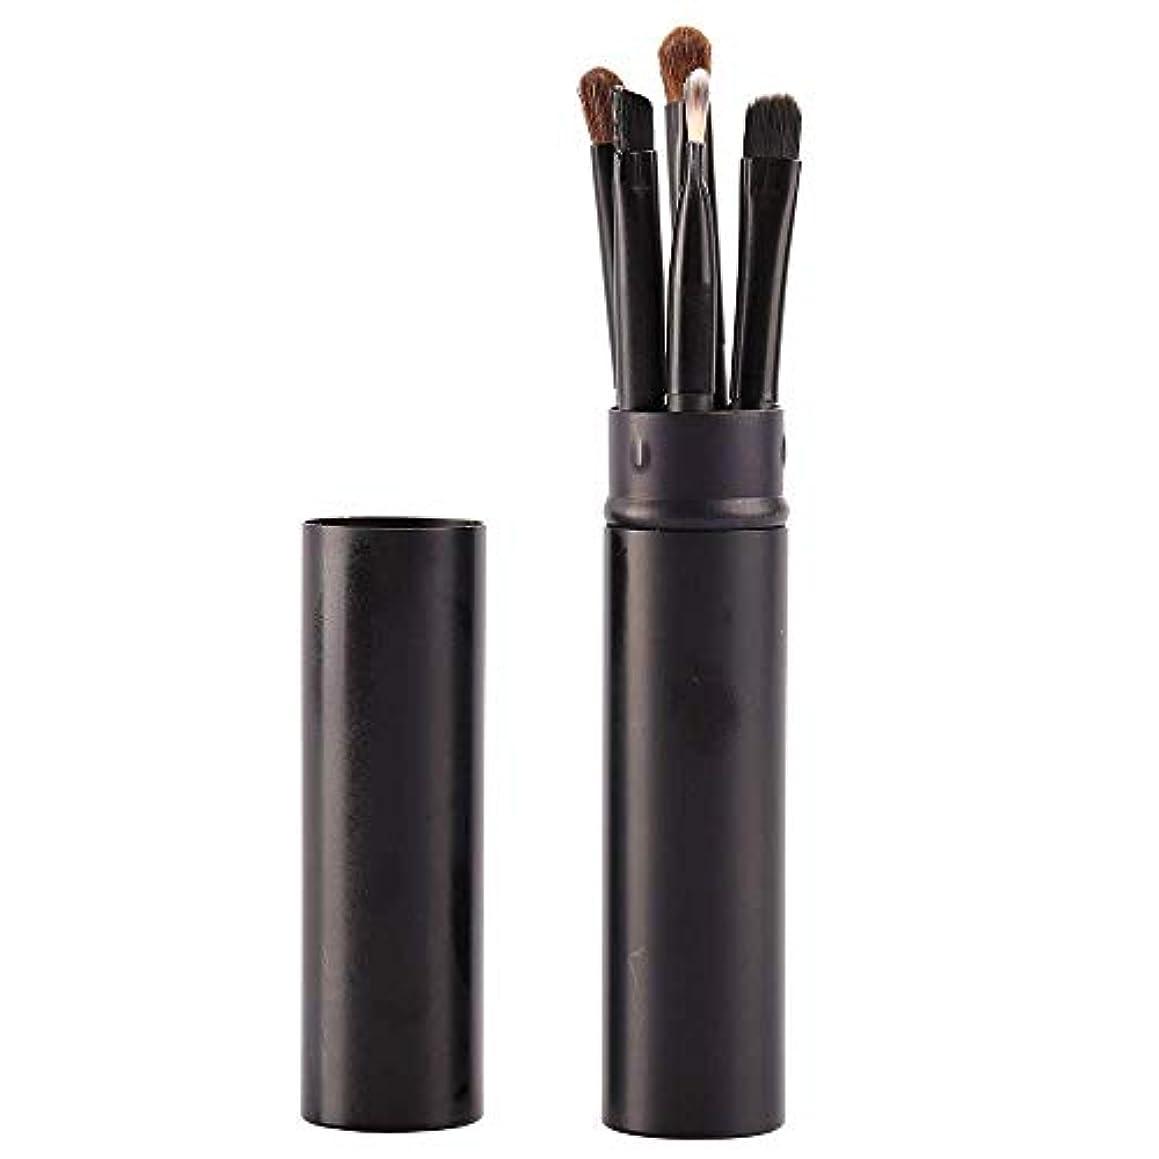 進む粘液ヘッジ化粧ブラシ ドゥケア 化粧筆 高級天然毛 アイシャドウブラシ 携帯5点セット化粧ブラシホルダー (ブラック)